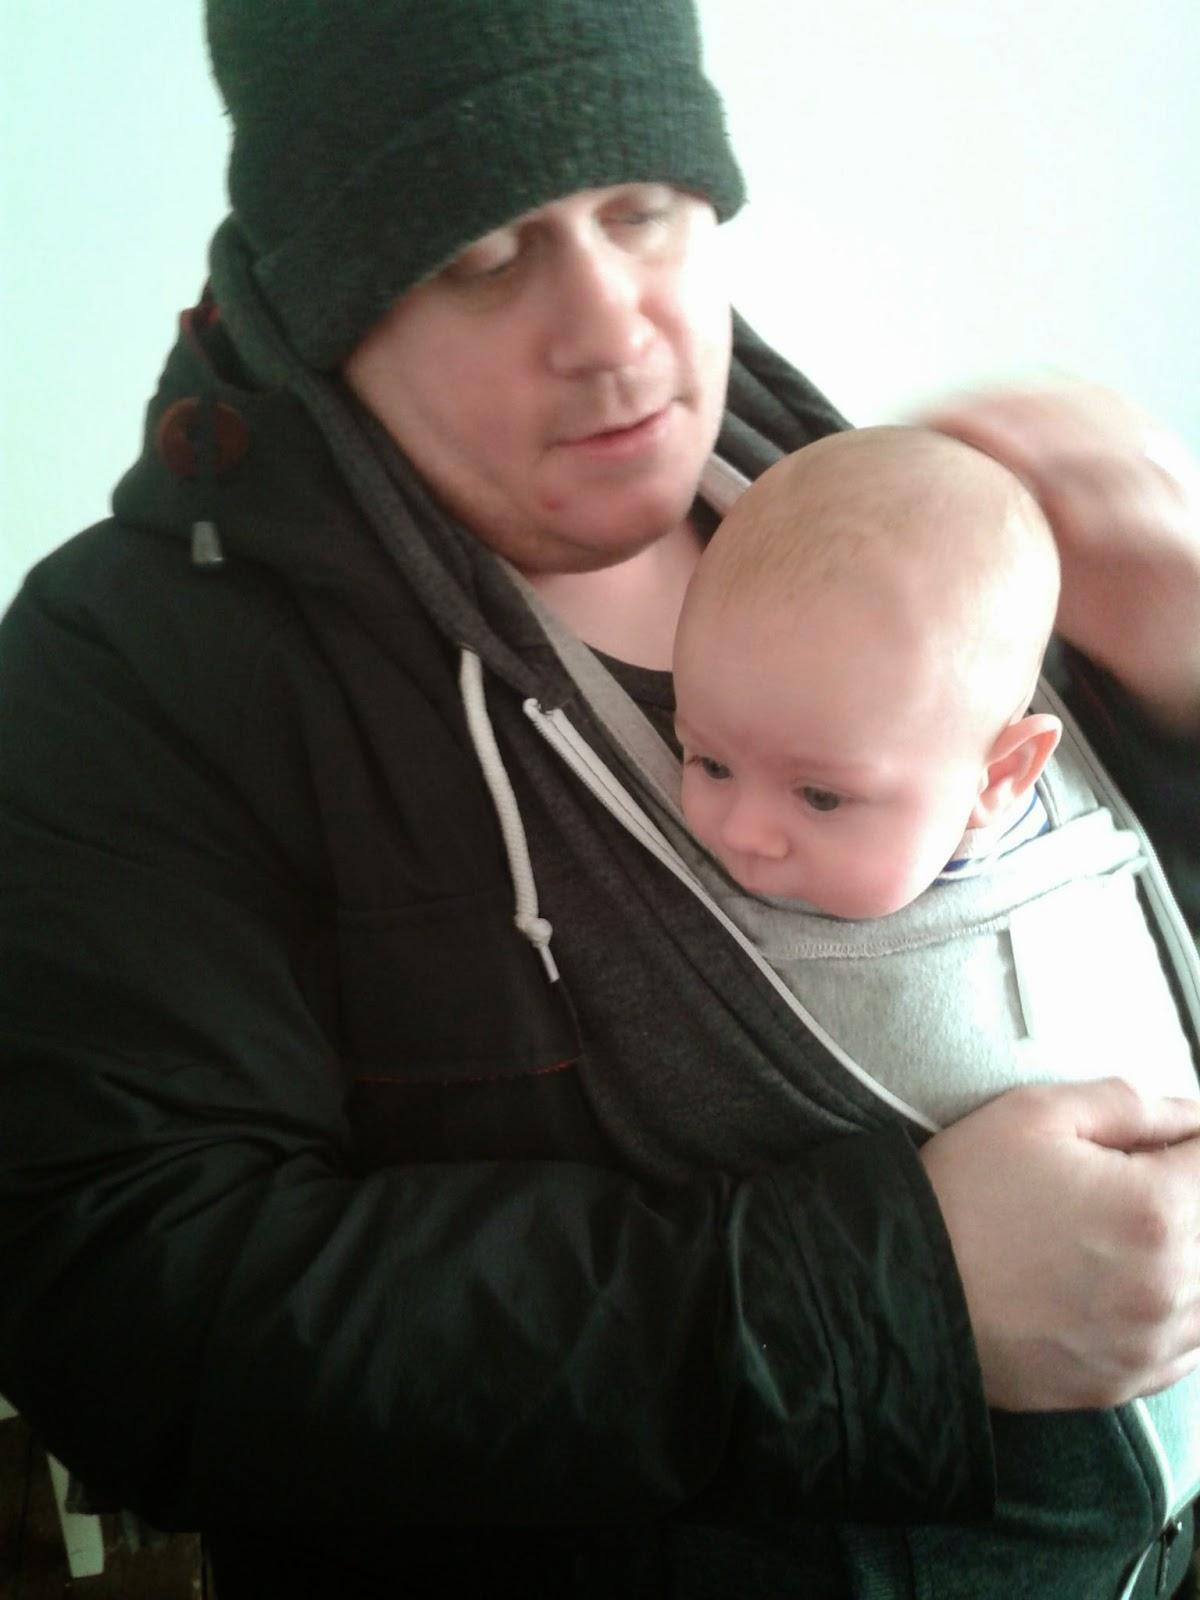 dads babywearing